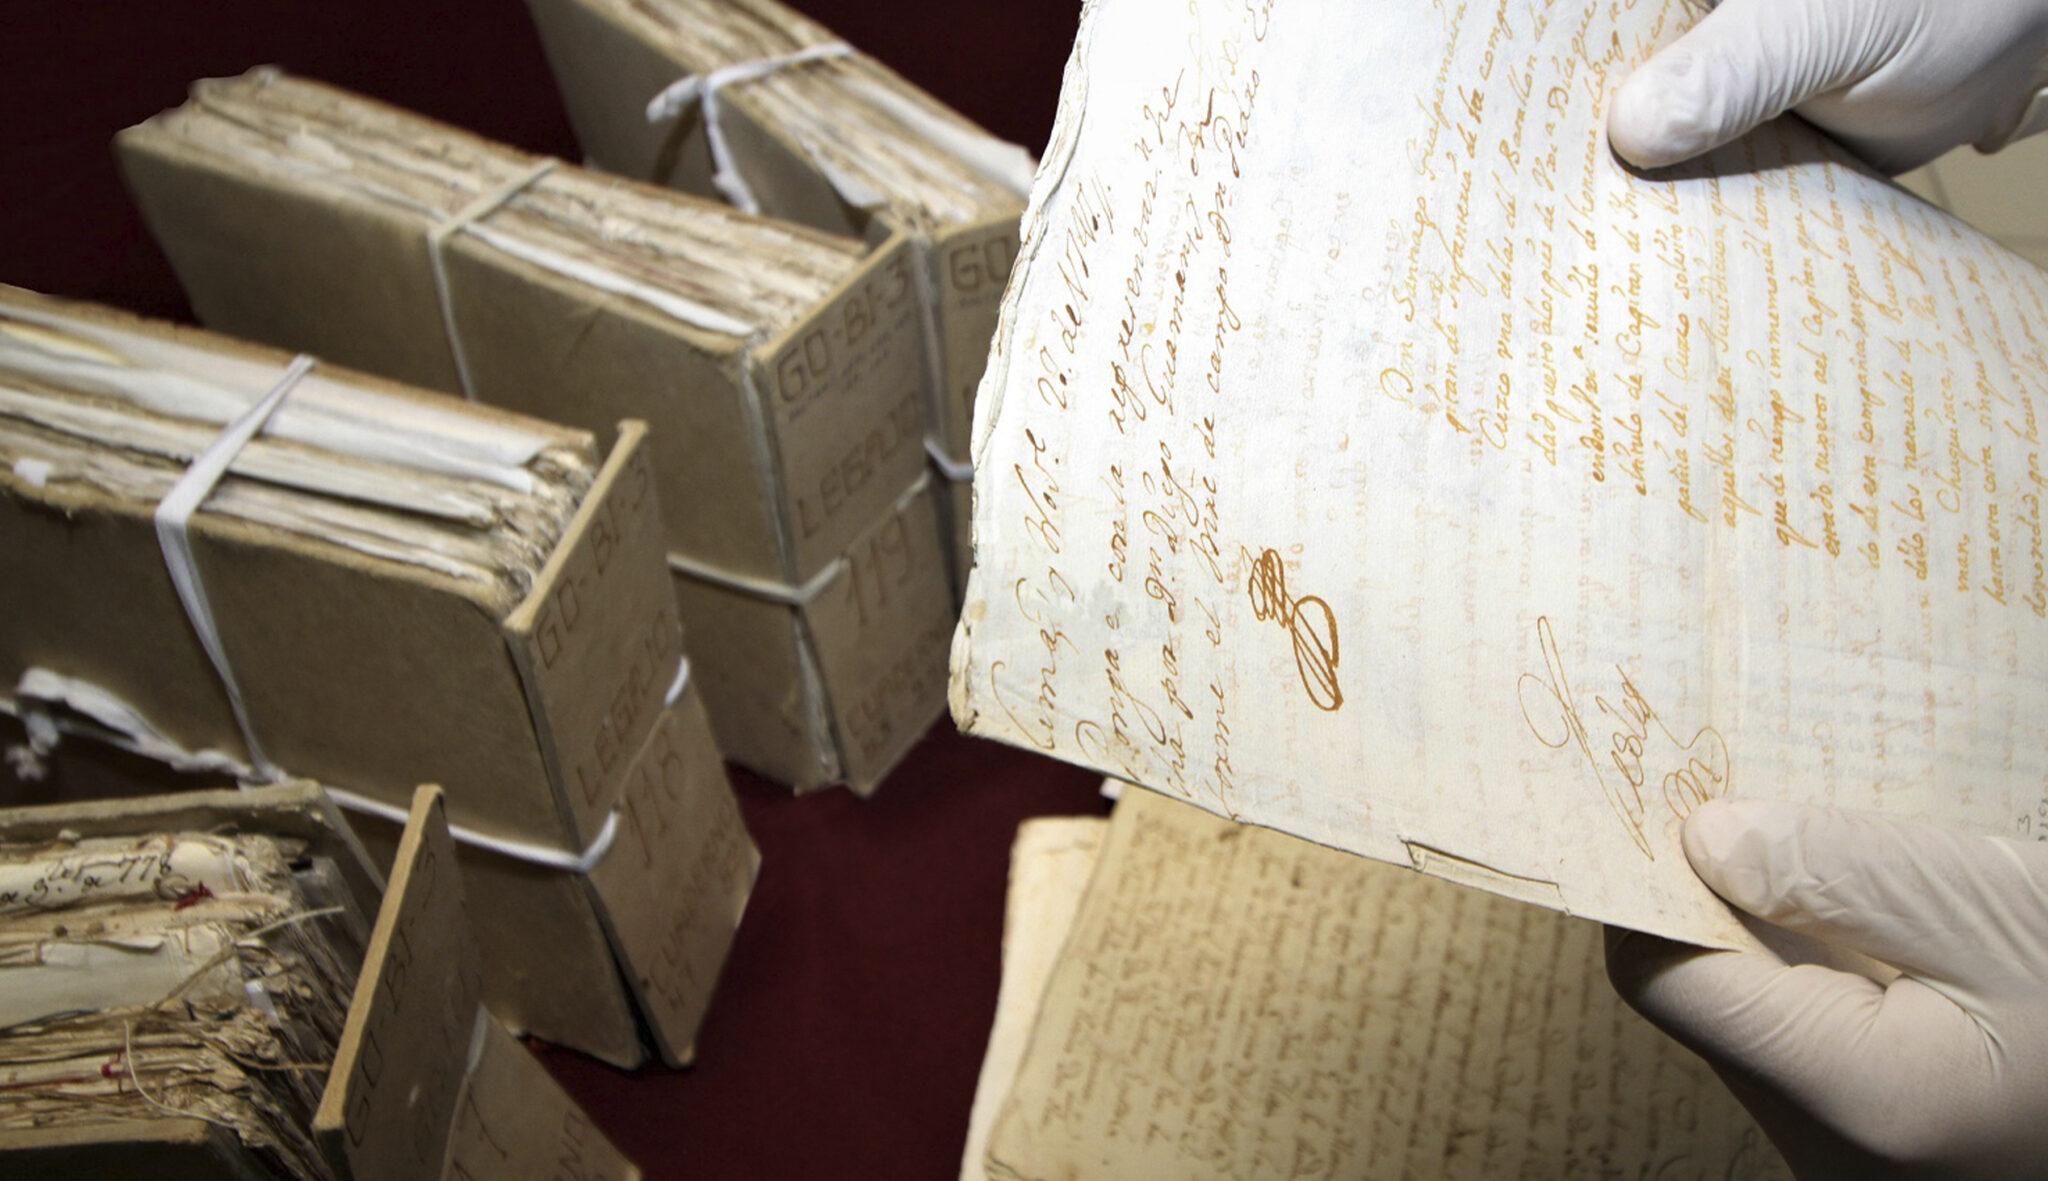 Bicentenario: Archivo General de la Nación lanzará web con